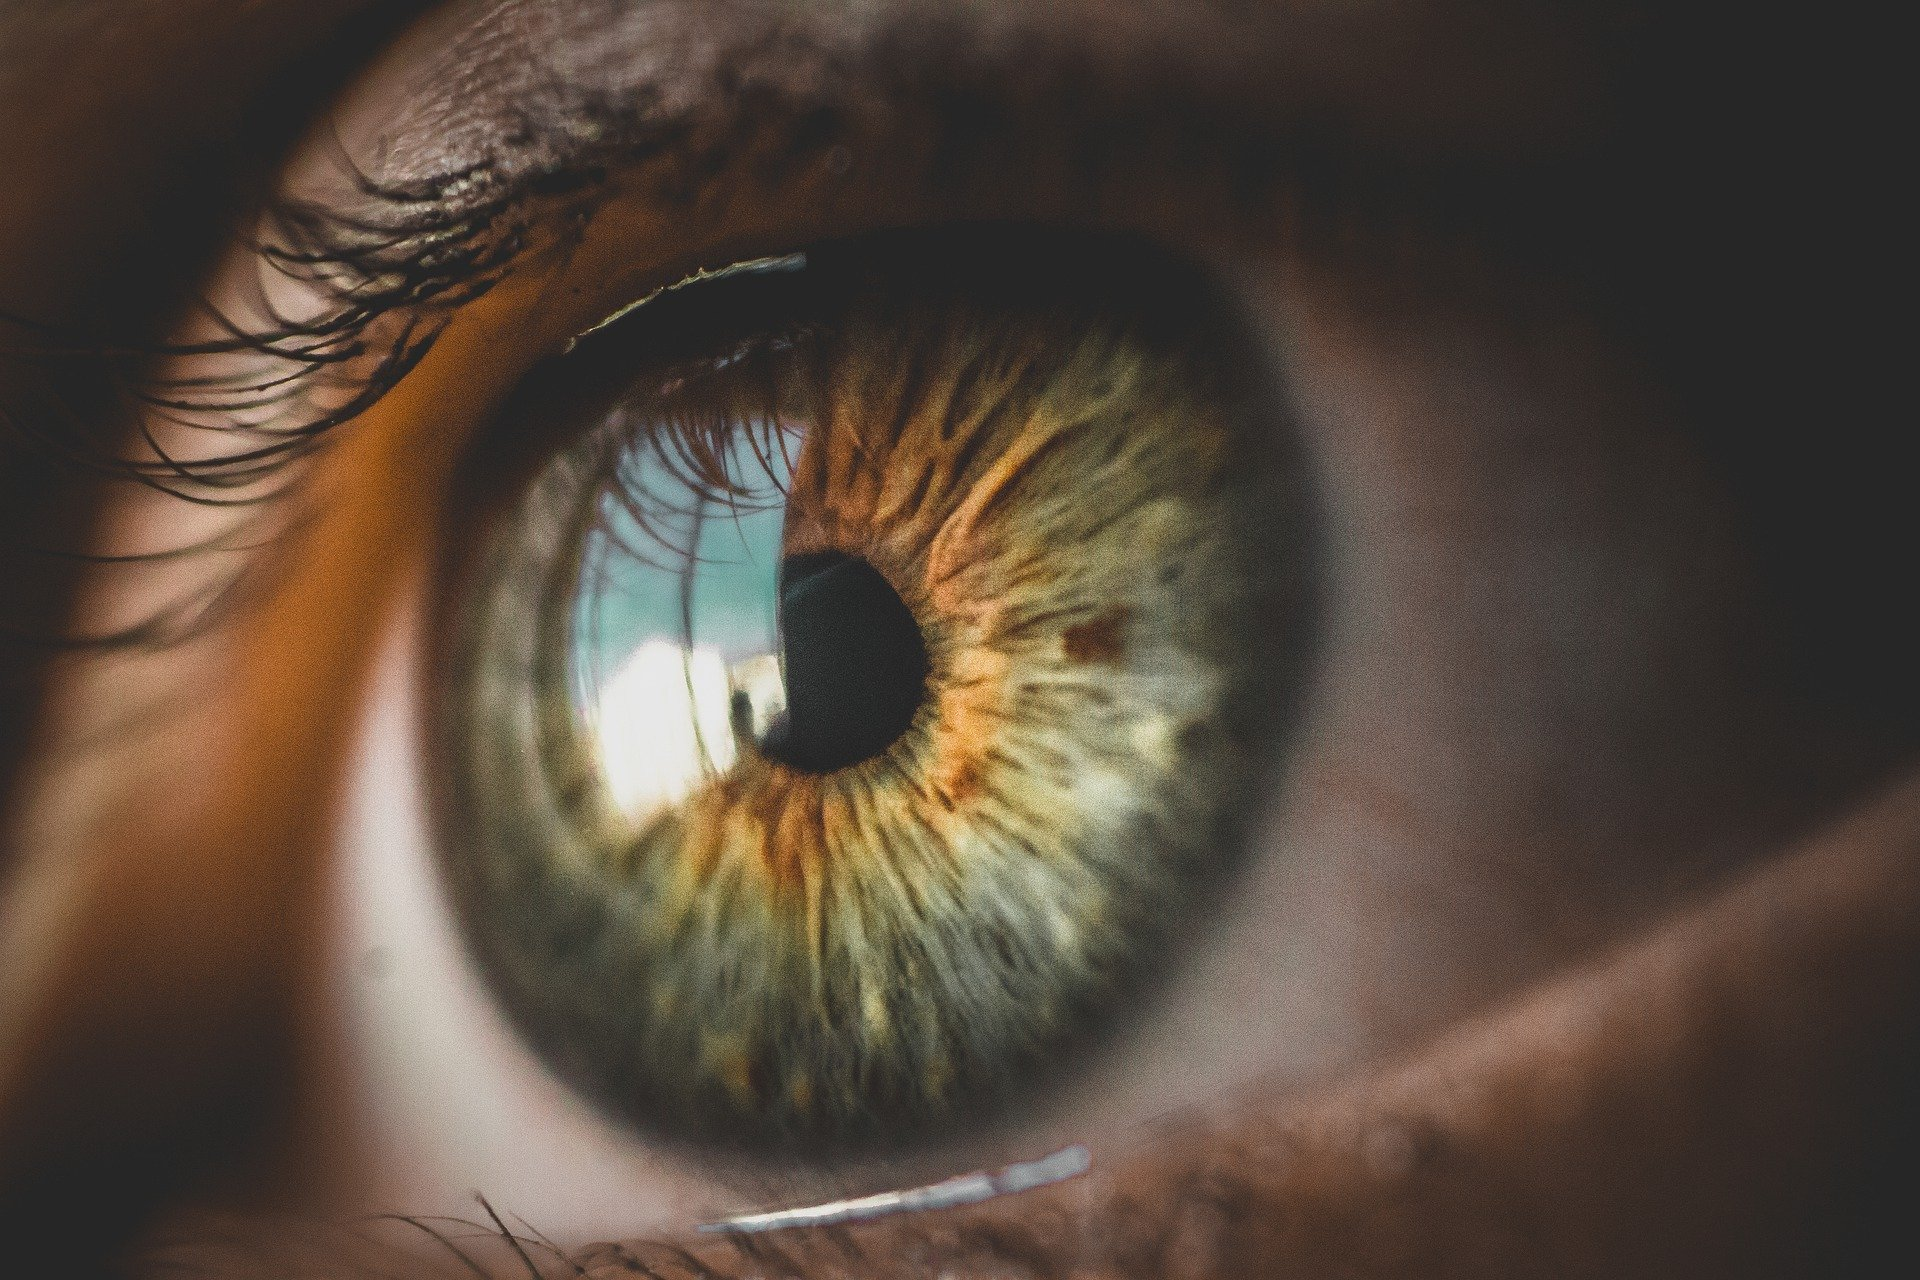 Gefährliches Licht: Sonnenbrand im Auge